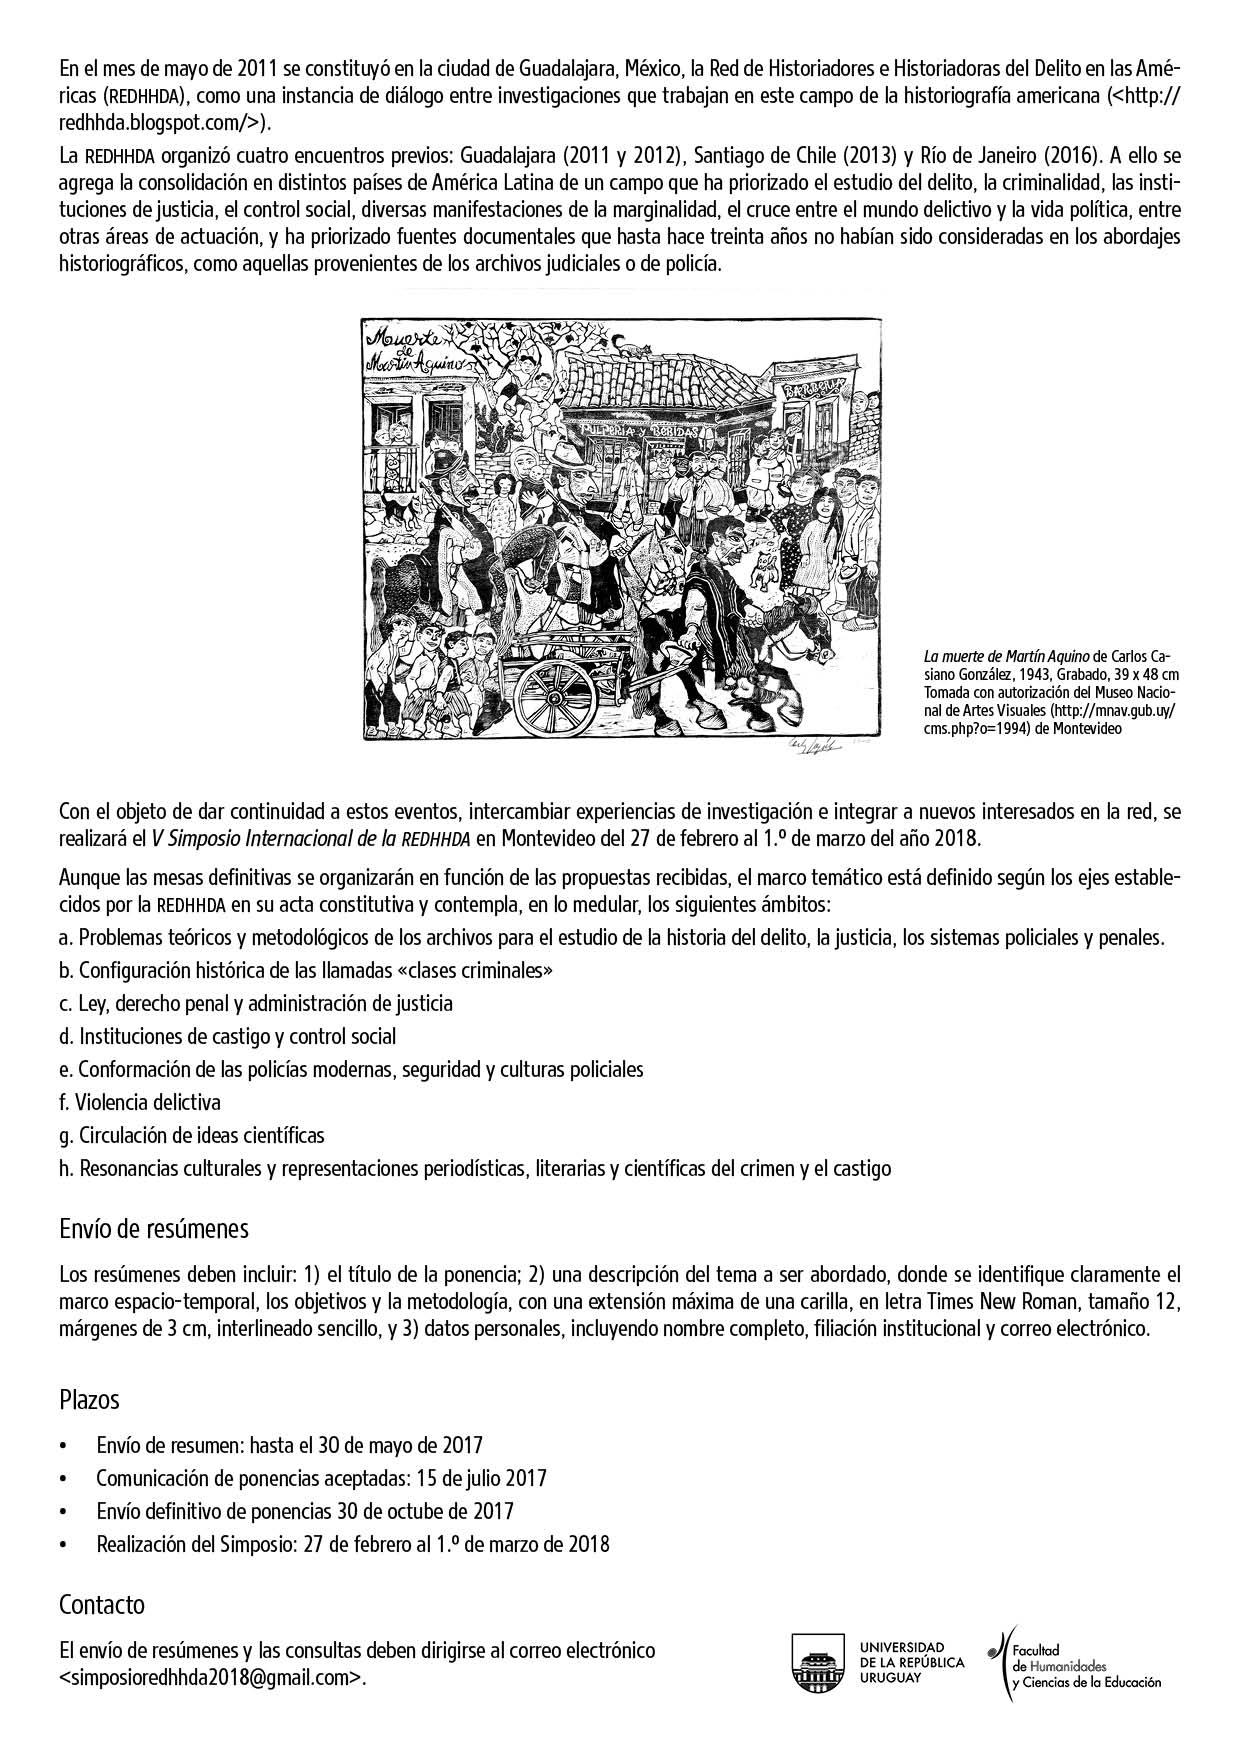 V Simposio Internacional de la REDHHA | Revista de Historia de las ...